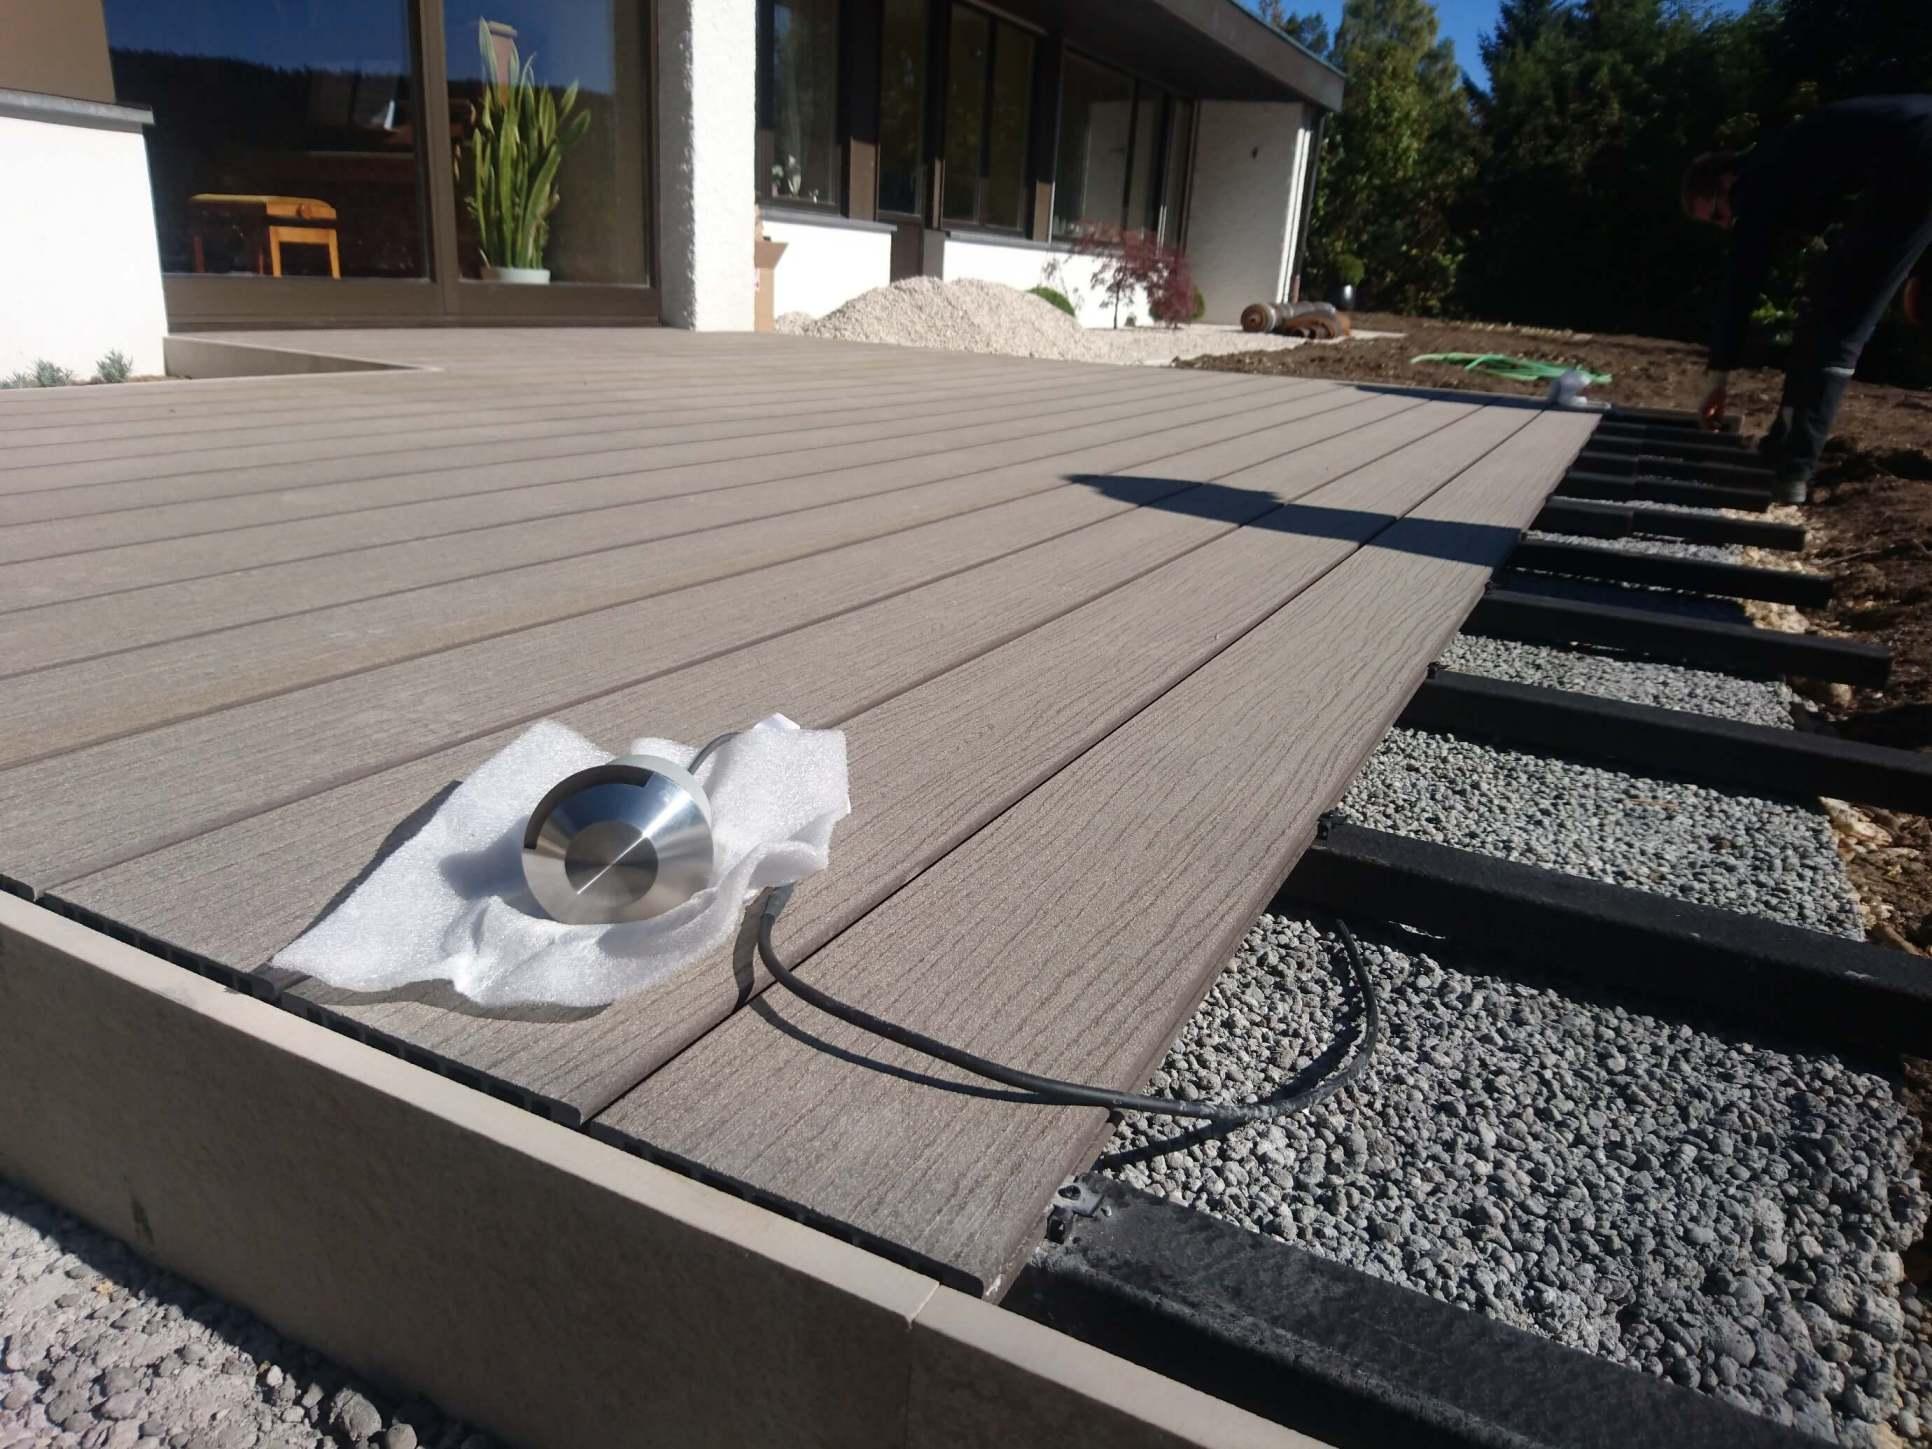 alig paysages aellig pavés revetements de sol granit calcaire bois ceramique plaques naturelles (3)